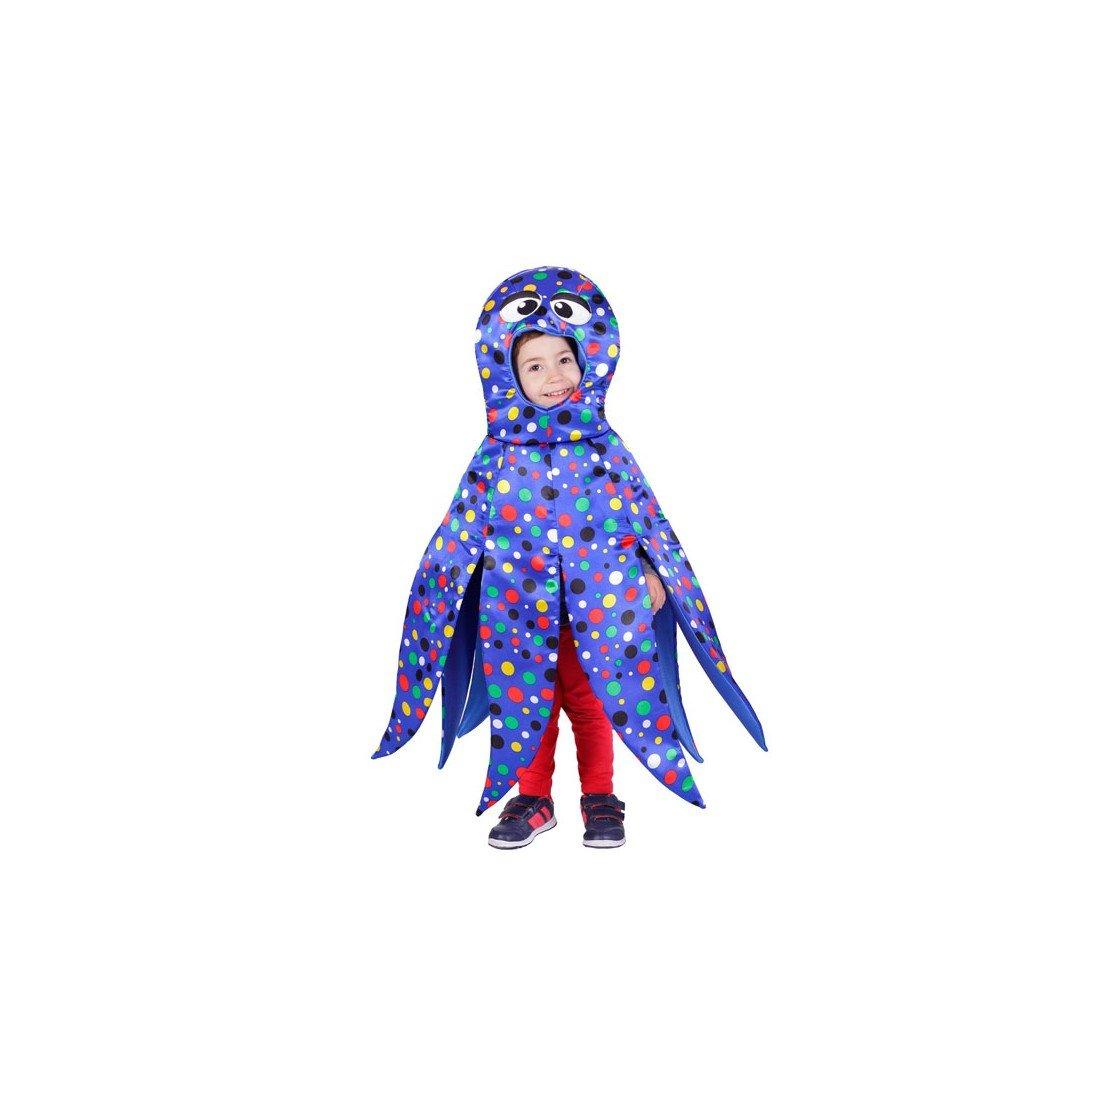 Disfraz de pulpo azul infantil - 1-3 años: Amazon.es: Juguetes y ...